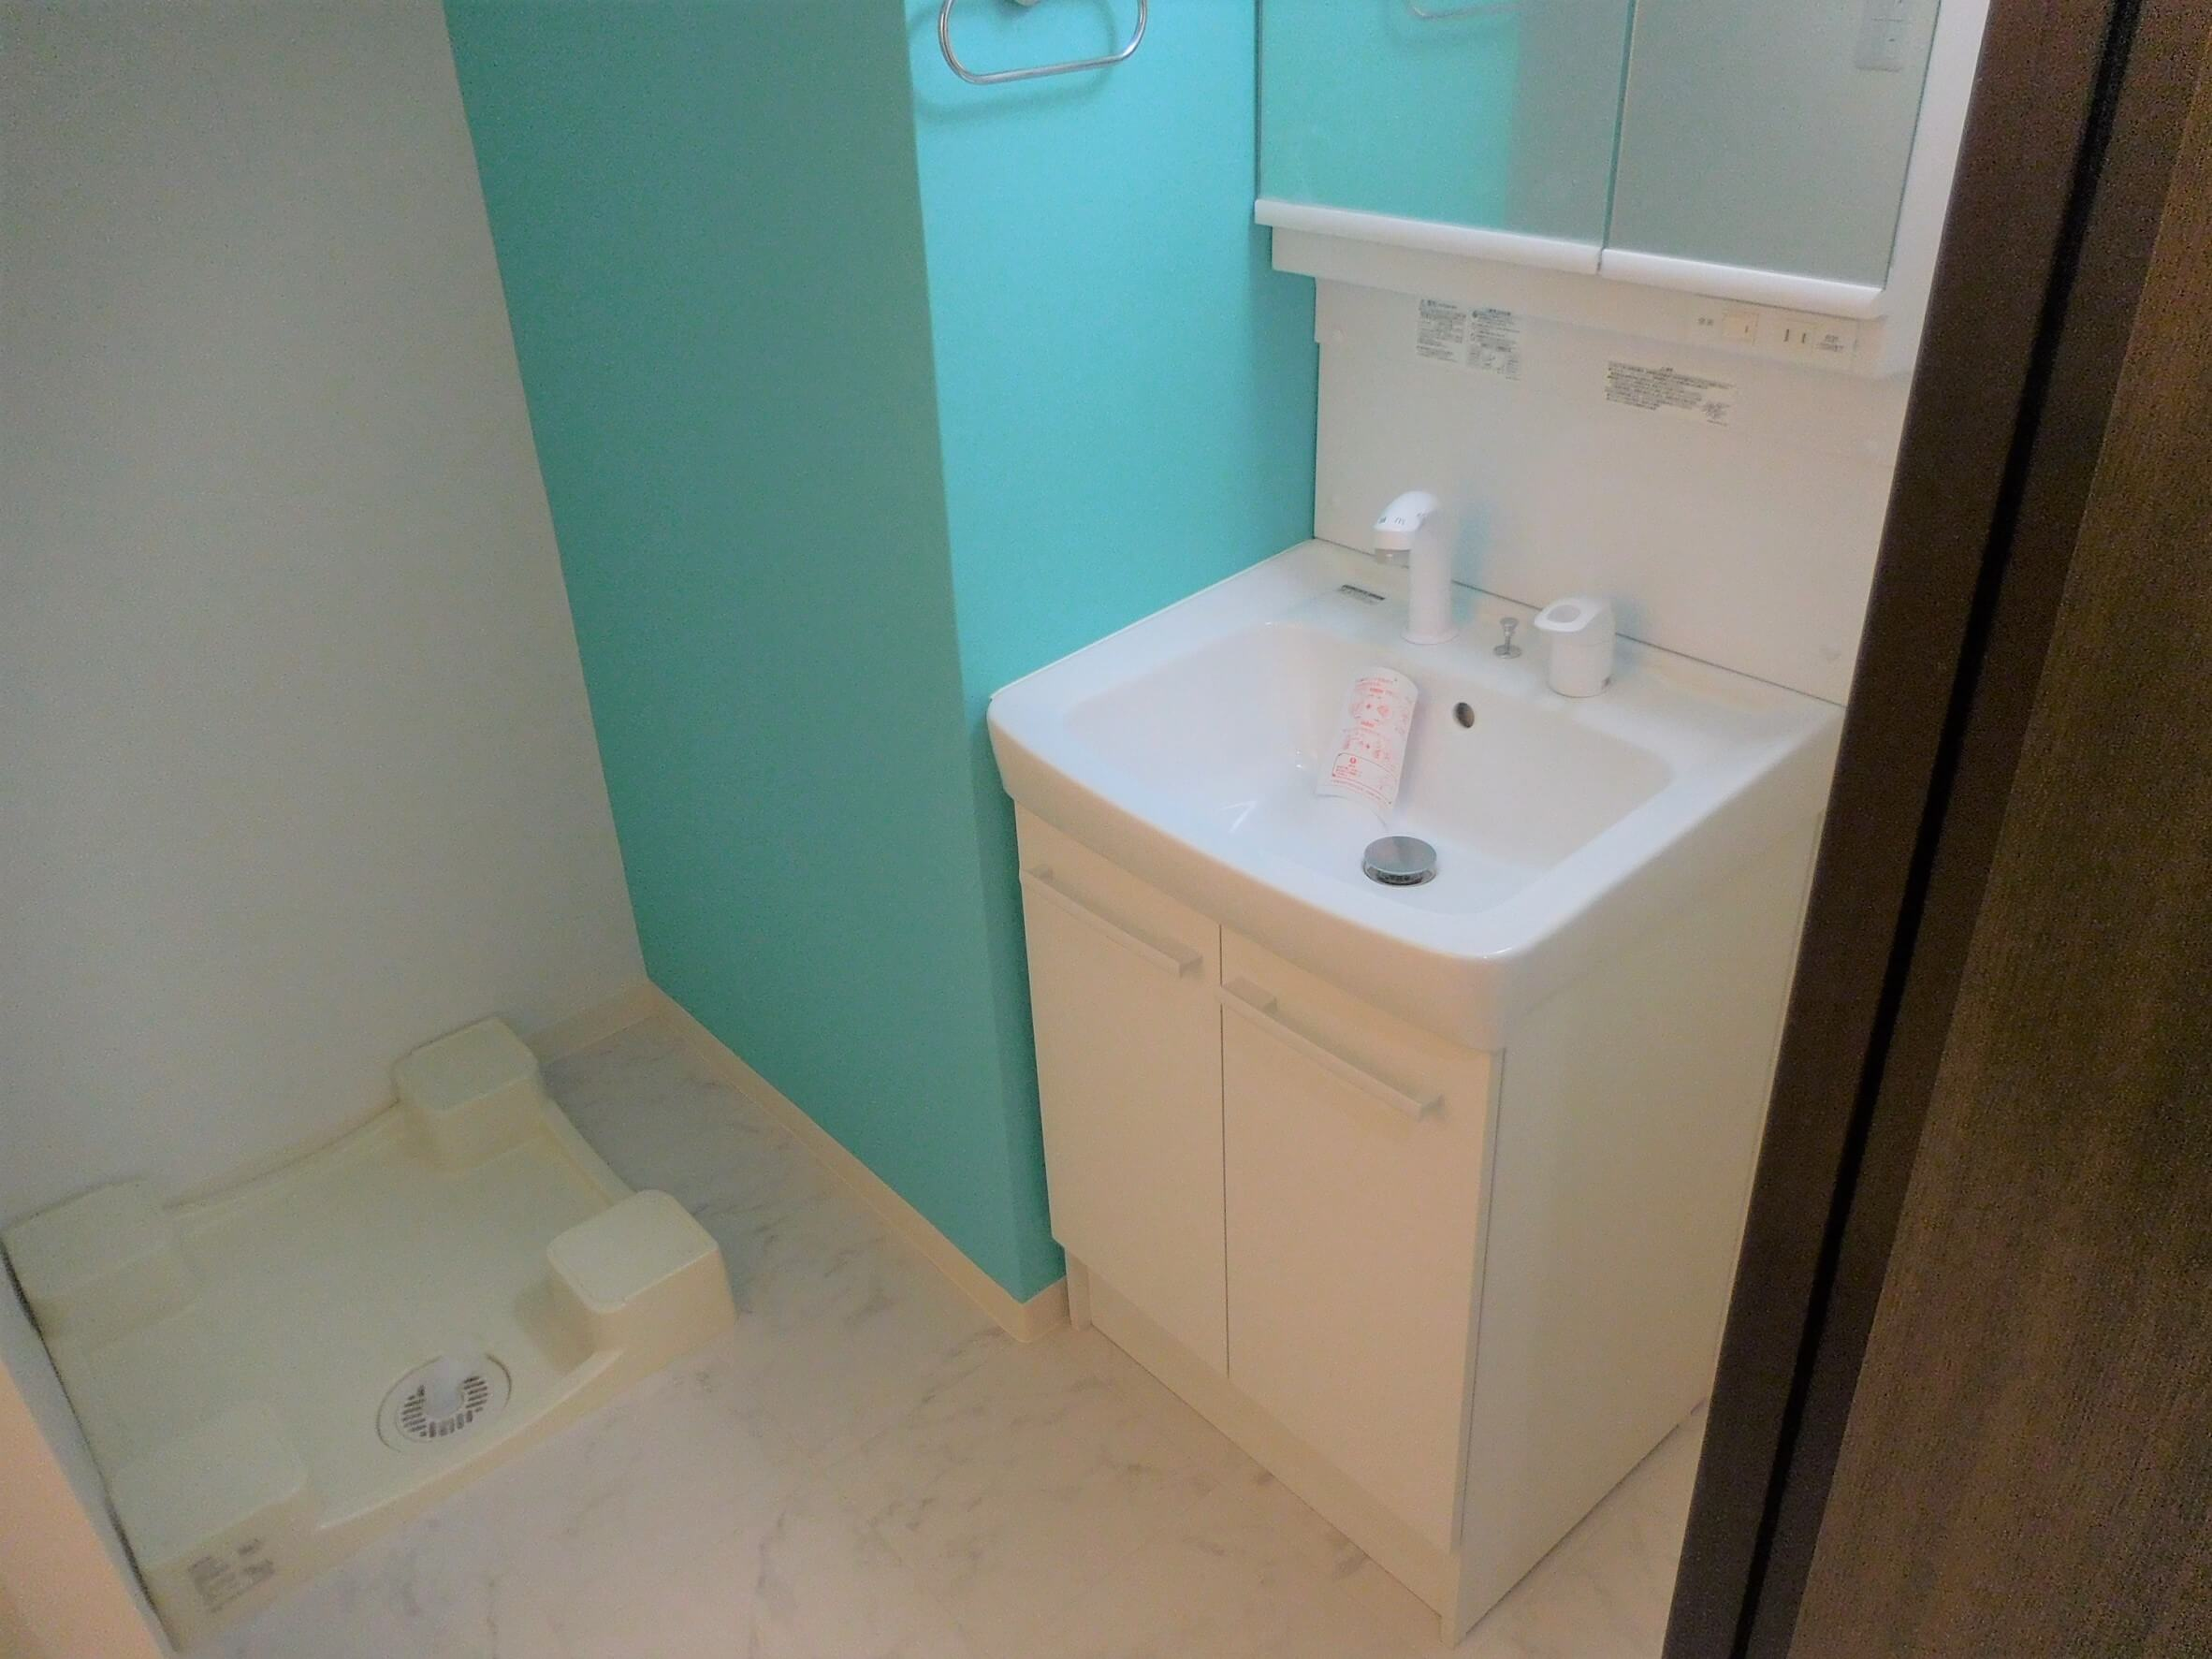 リクシルの洗面台「オフト」への交換とお風呂のリフォーム事例